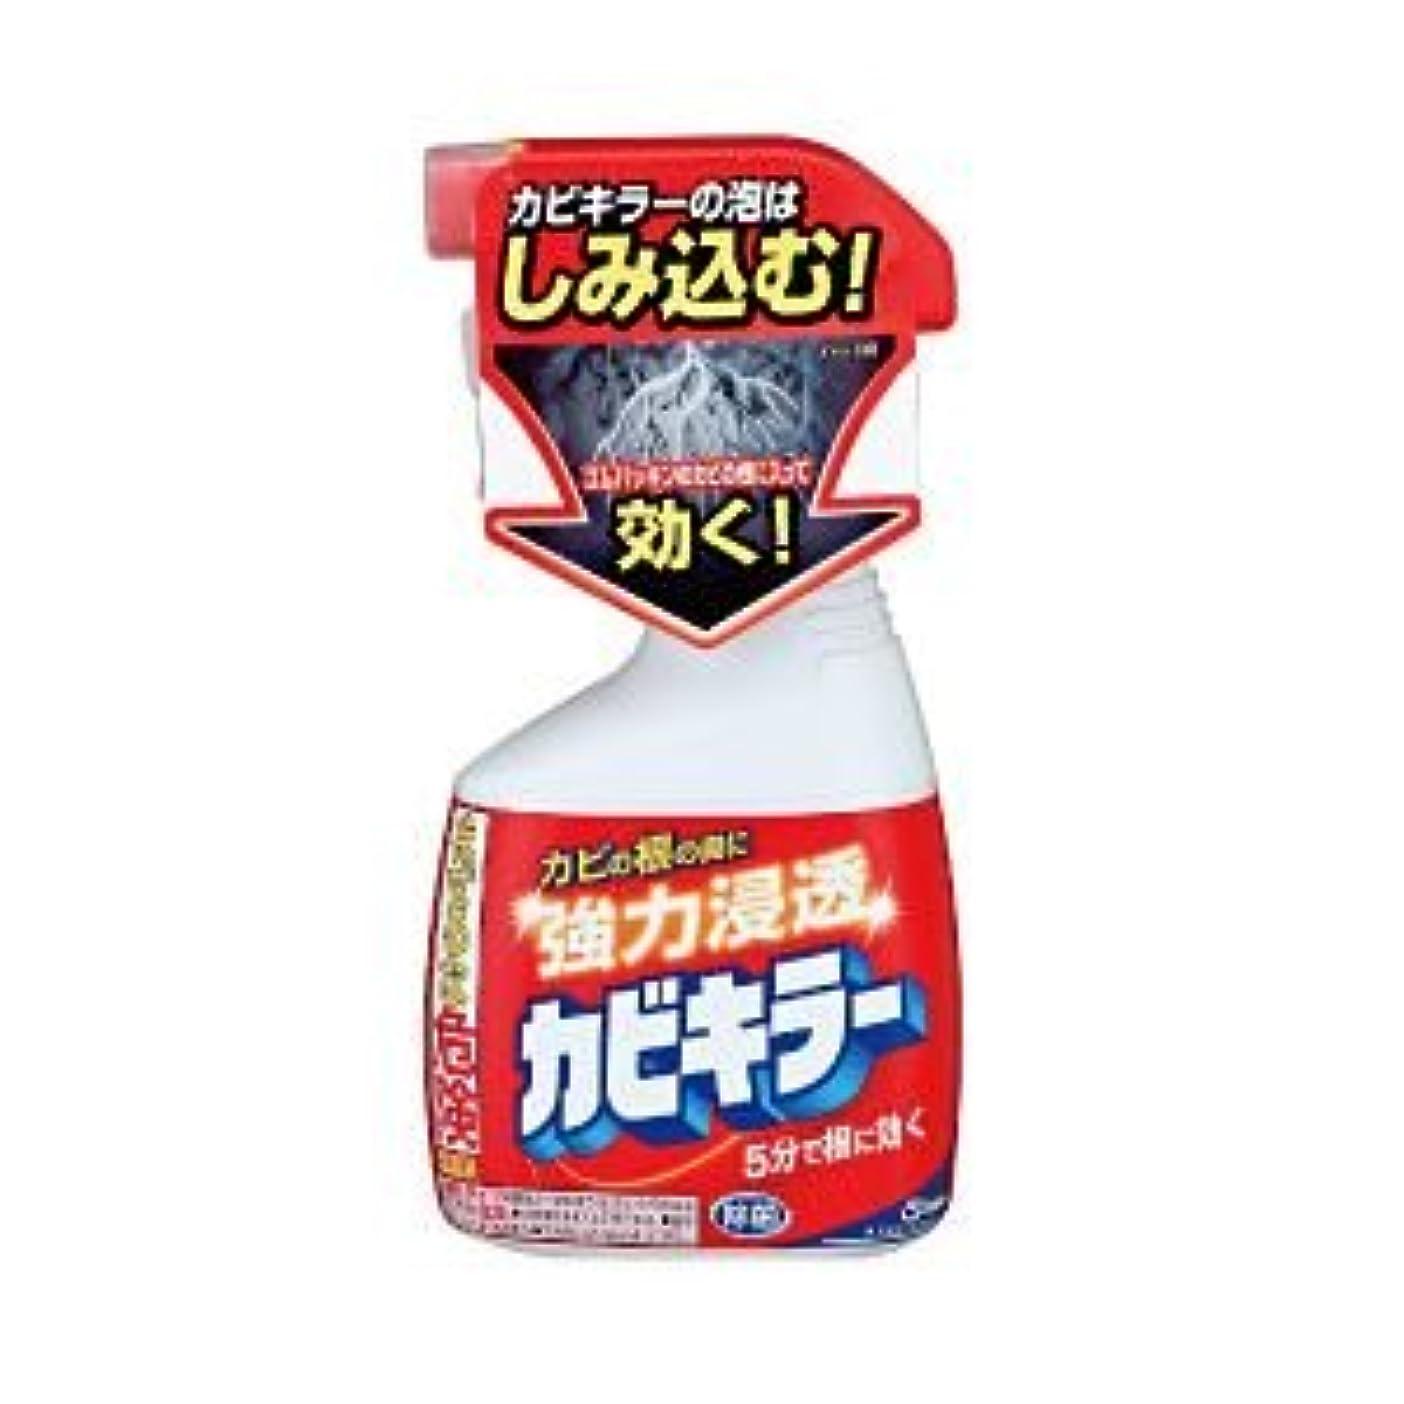 爪引き渡す間違い(業務用セット) ジョンソン カビキラー 本体 【×10セット】